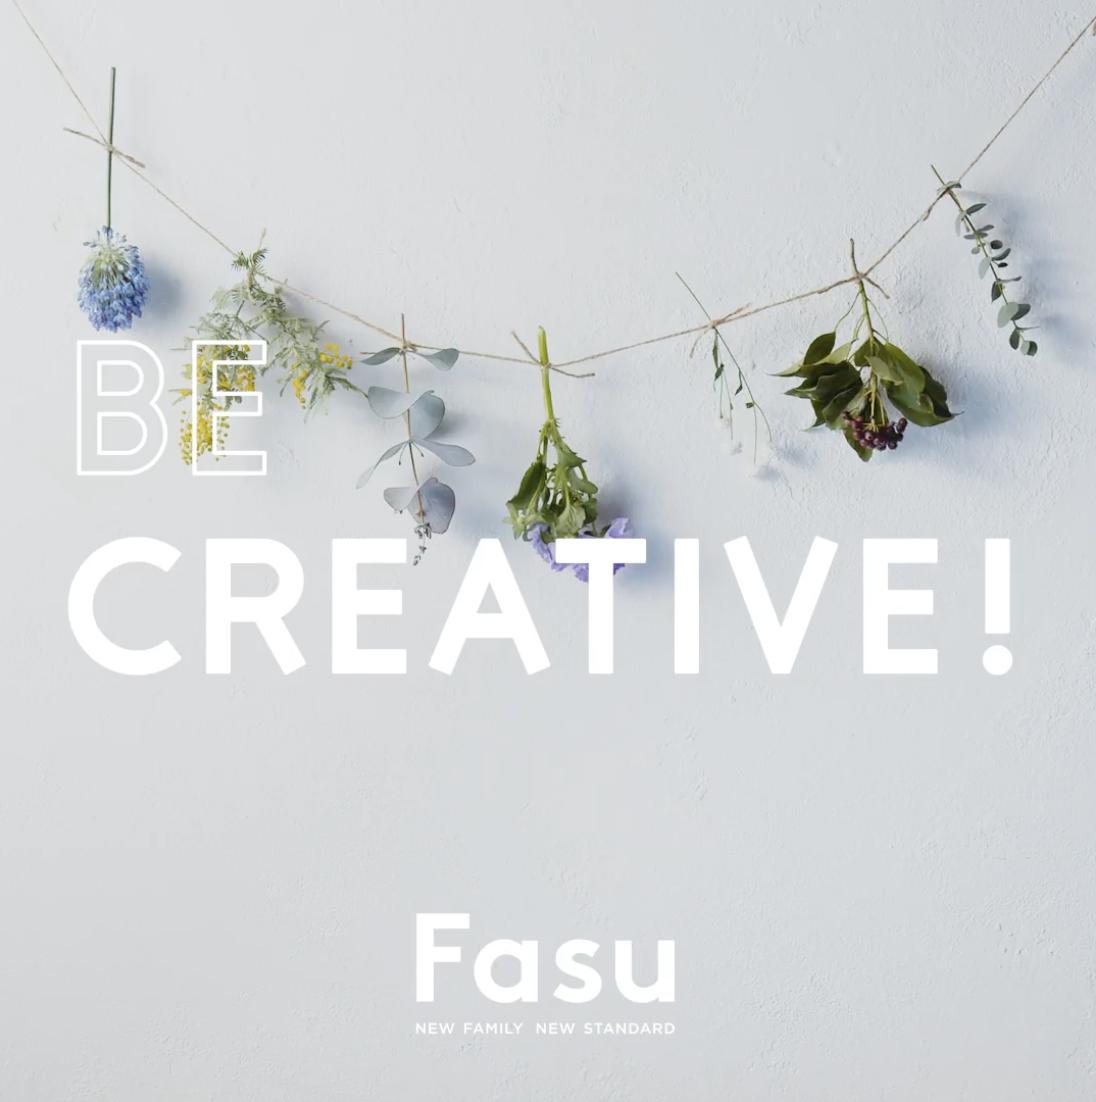 春を我が家に!好きな花でつくるフラワーガーランド【Be Creative! インテリアデコ編】